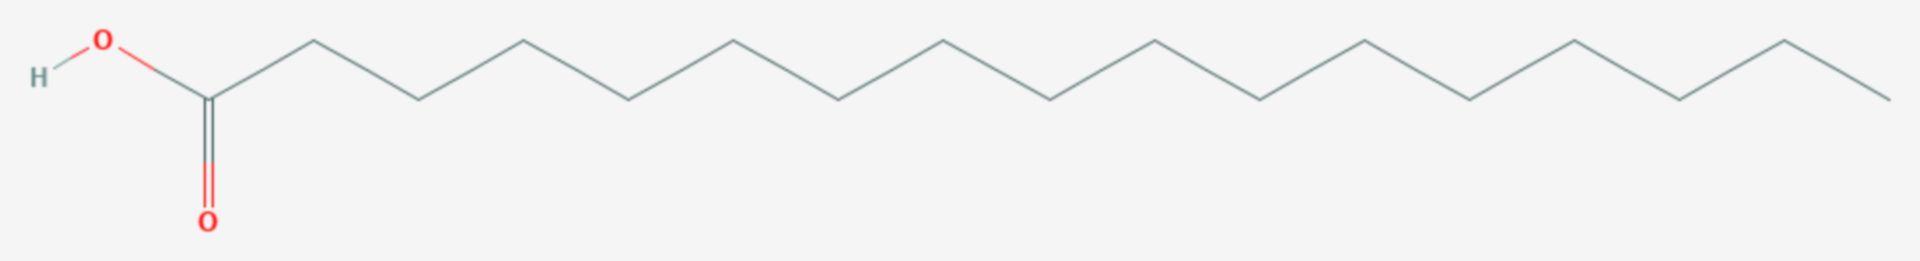 Margarinsäure (Strukturformel)